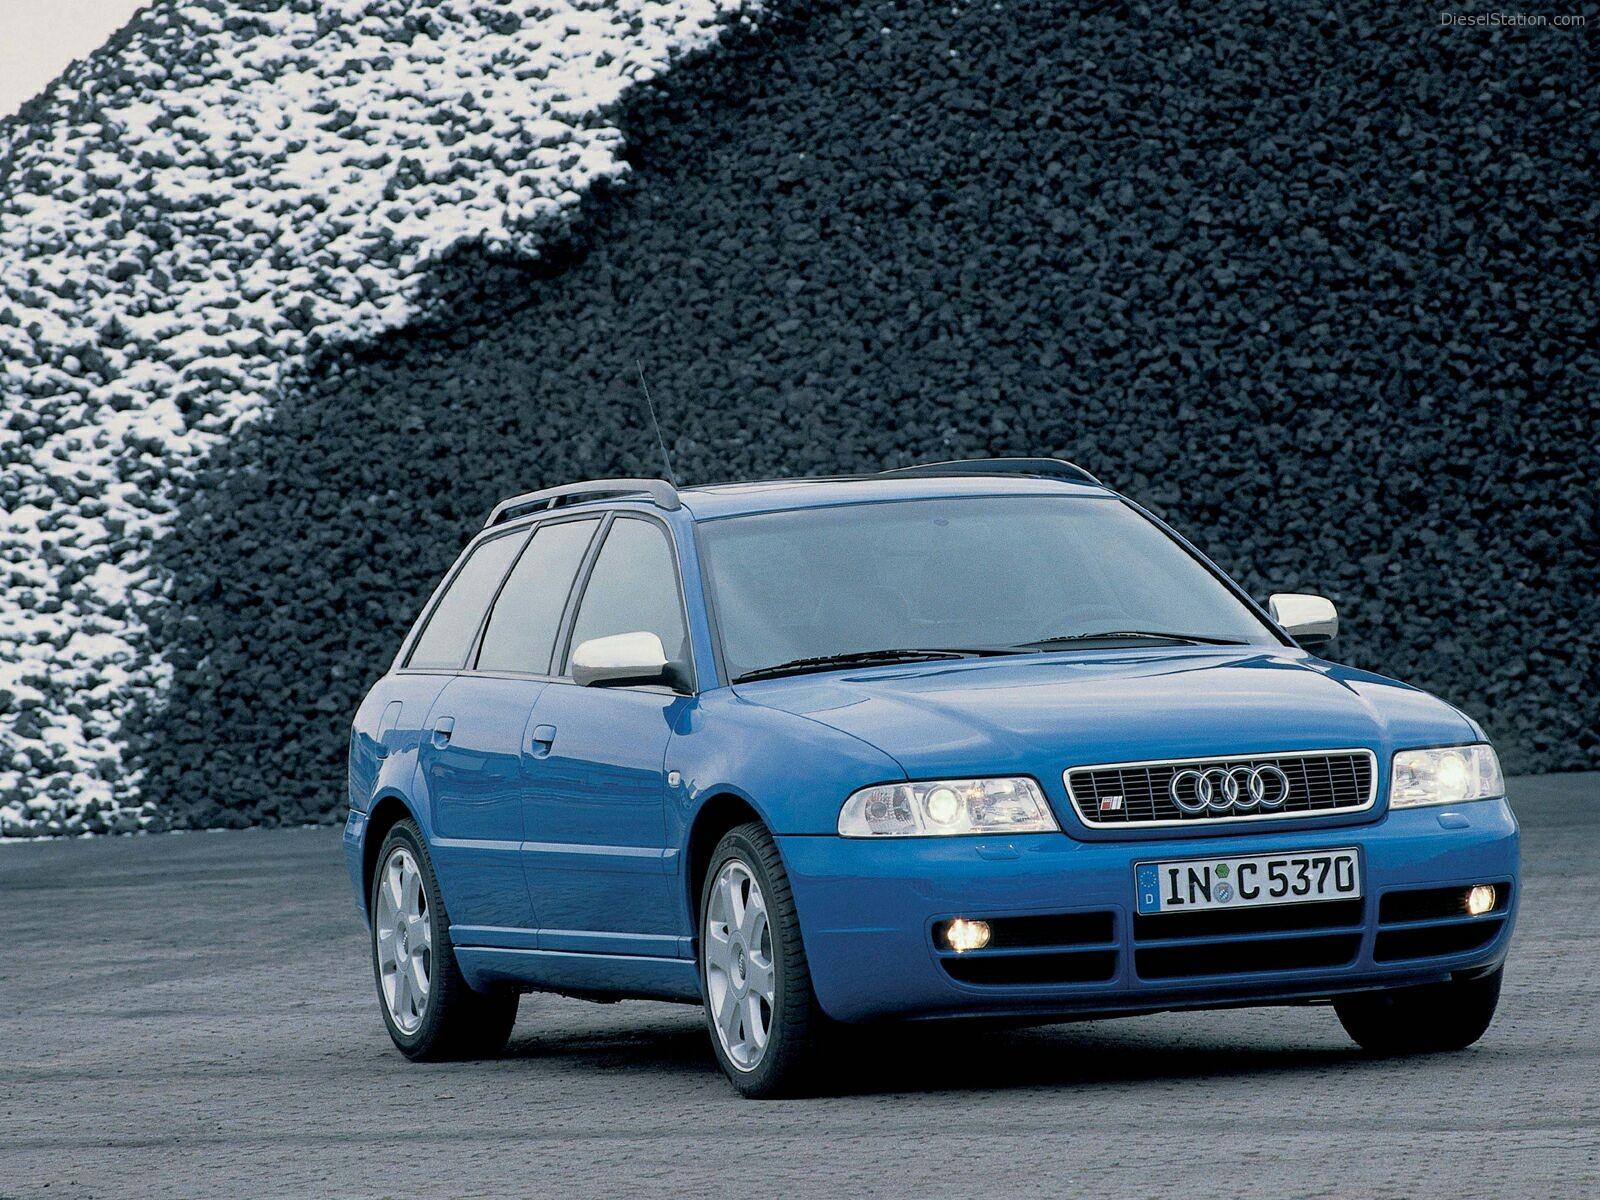 Audi-A4-Older-022